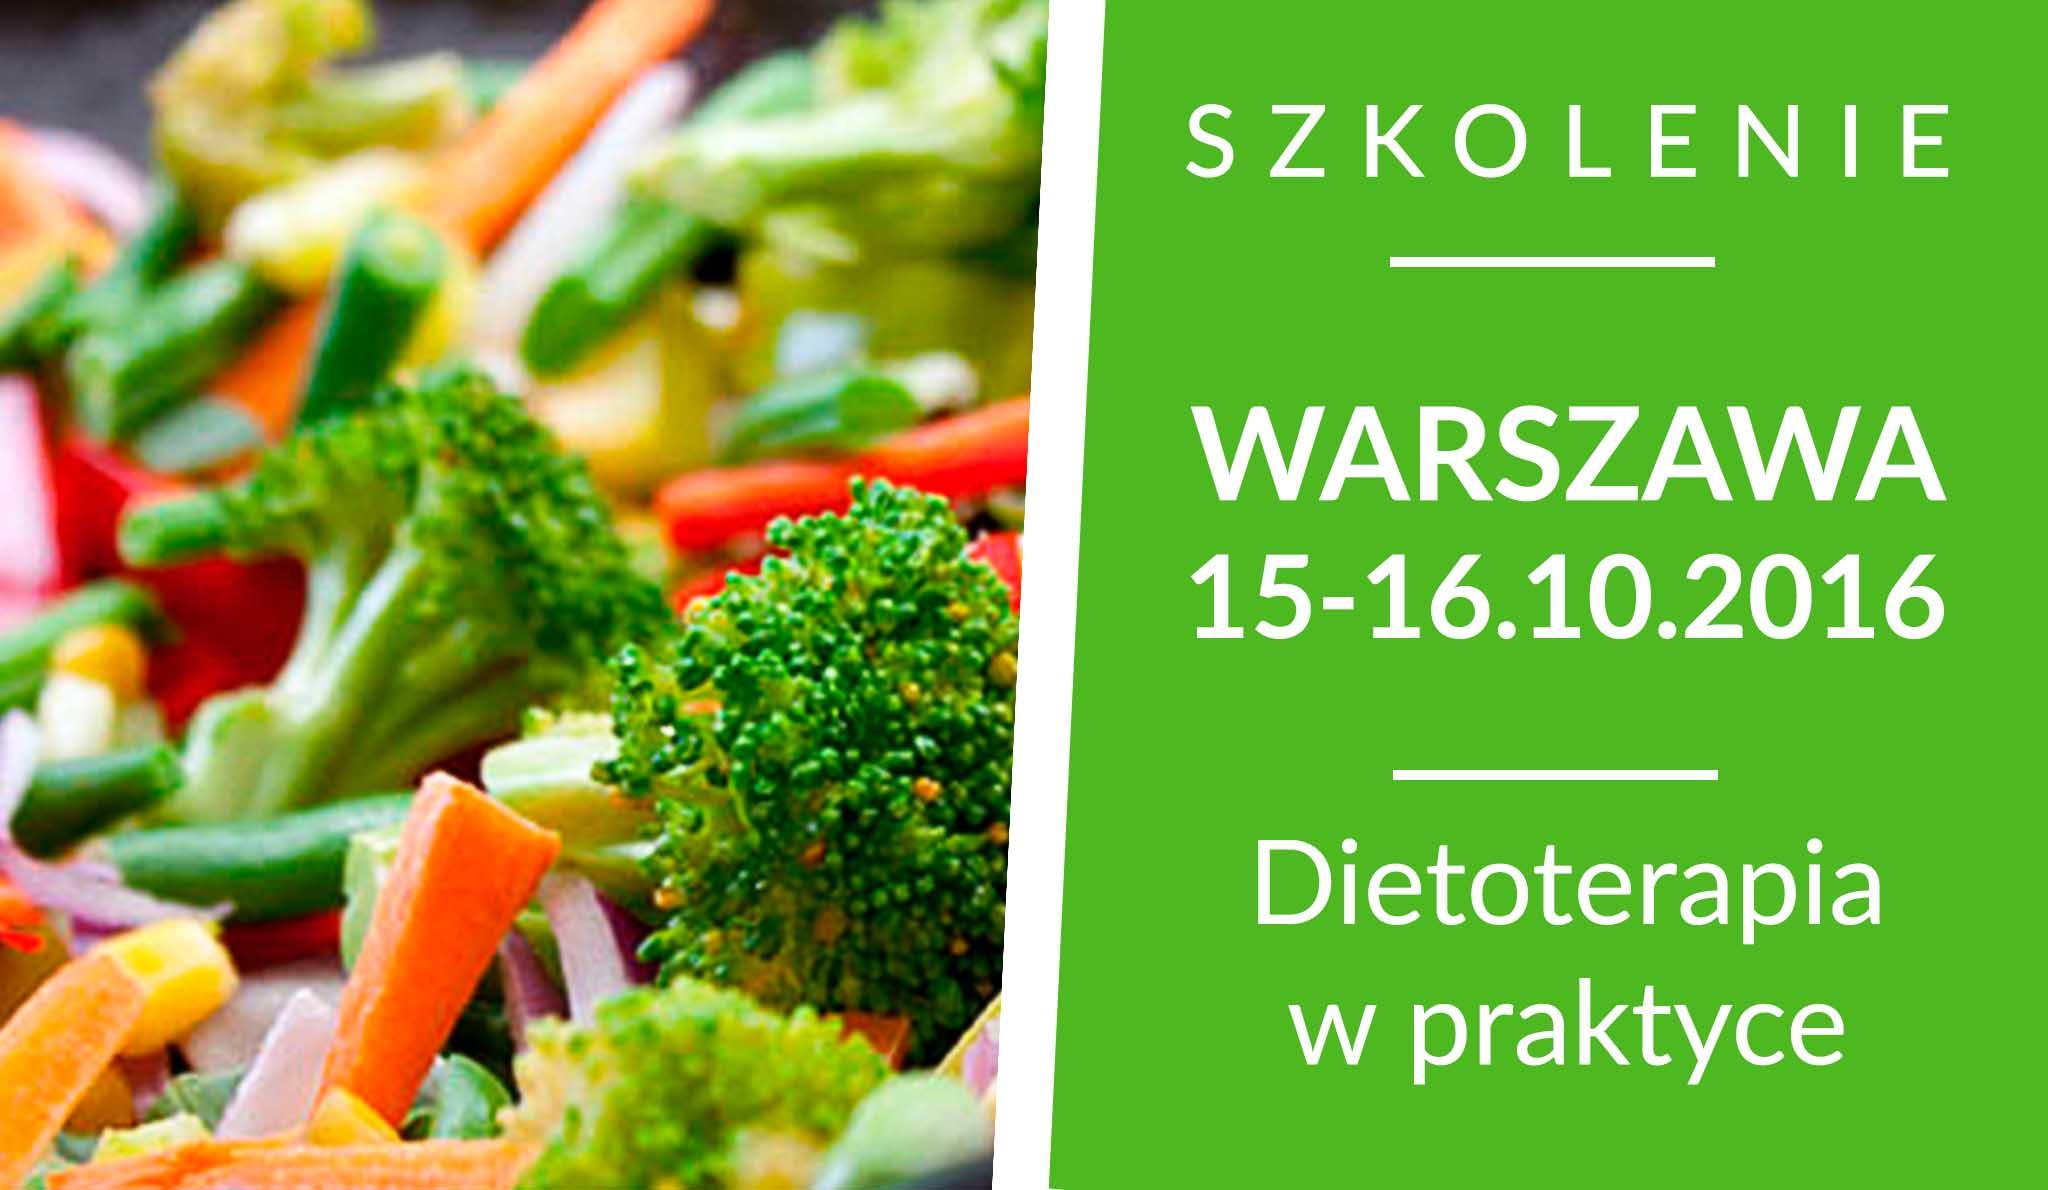 Szkolenie Warszawa: Dietoterapia w praktyce [15-16.10.2016]